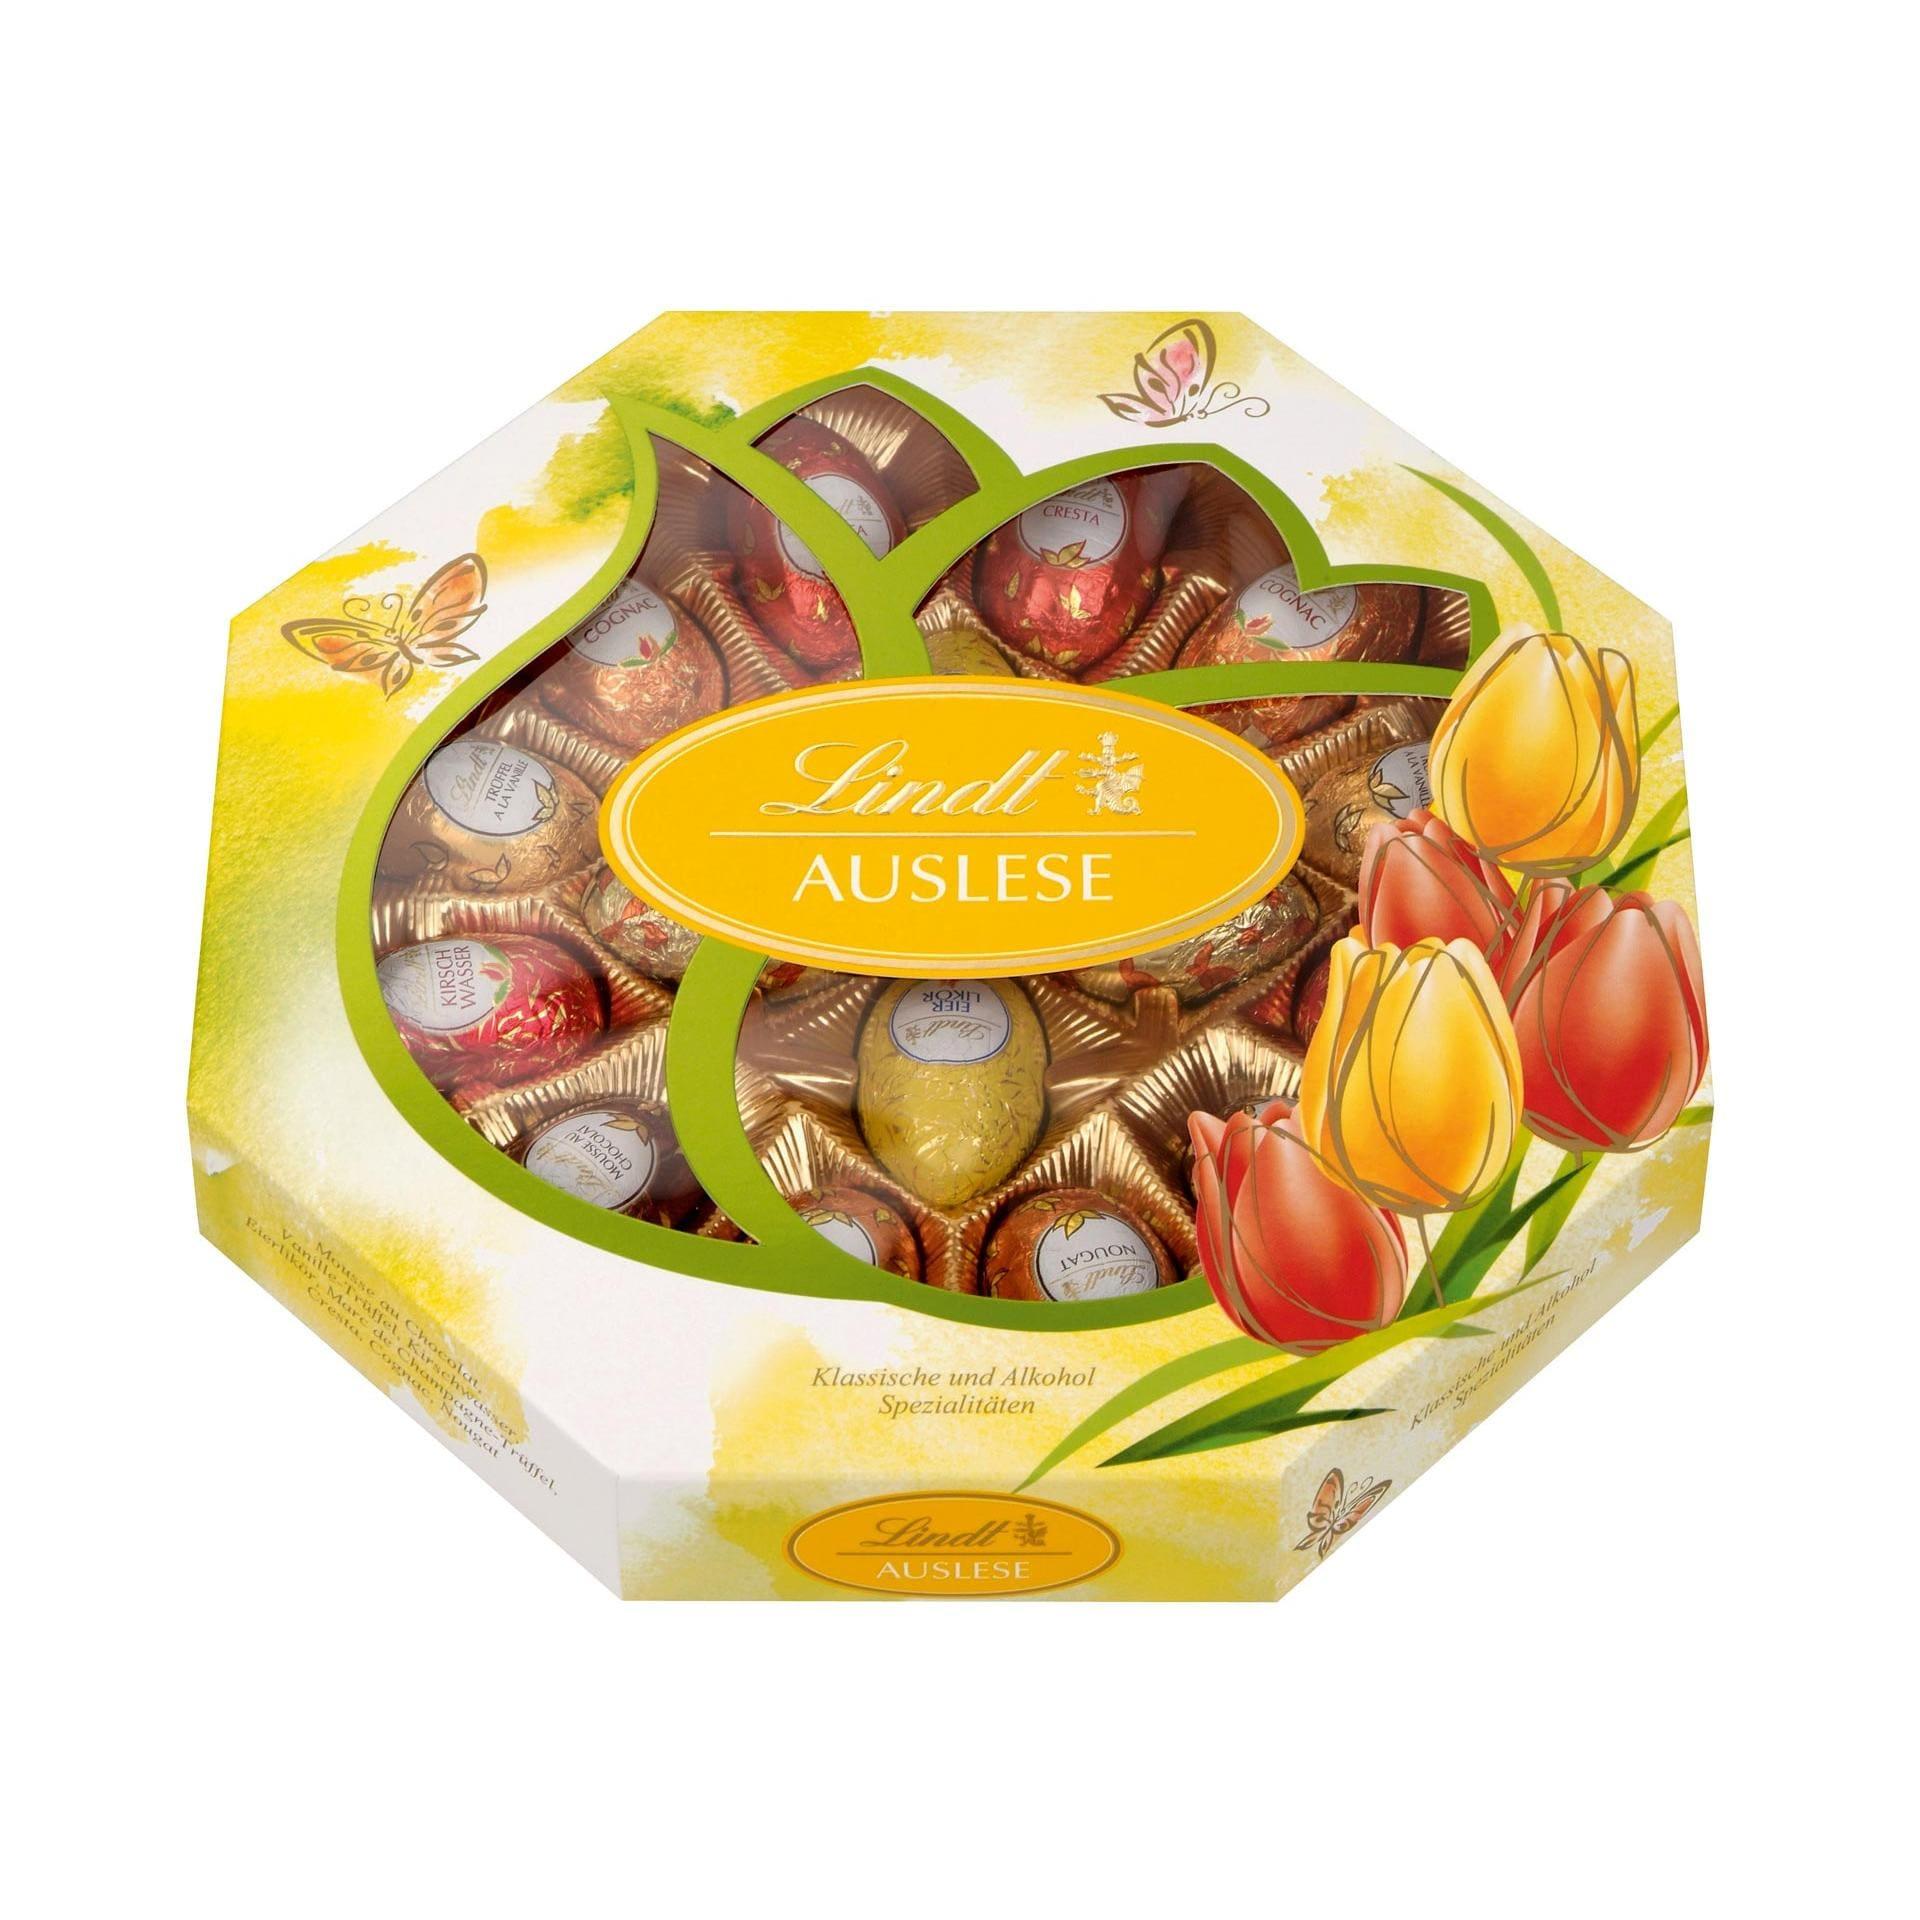 Lindt Auslese Alkohol-Schokoladen-Eier 288g, 16 Stück